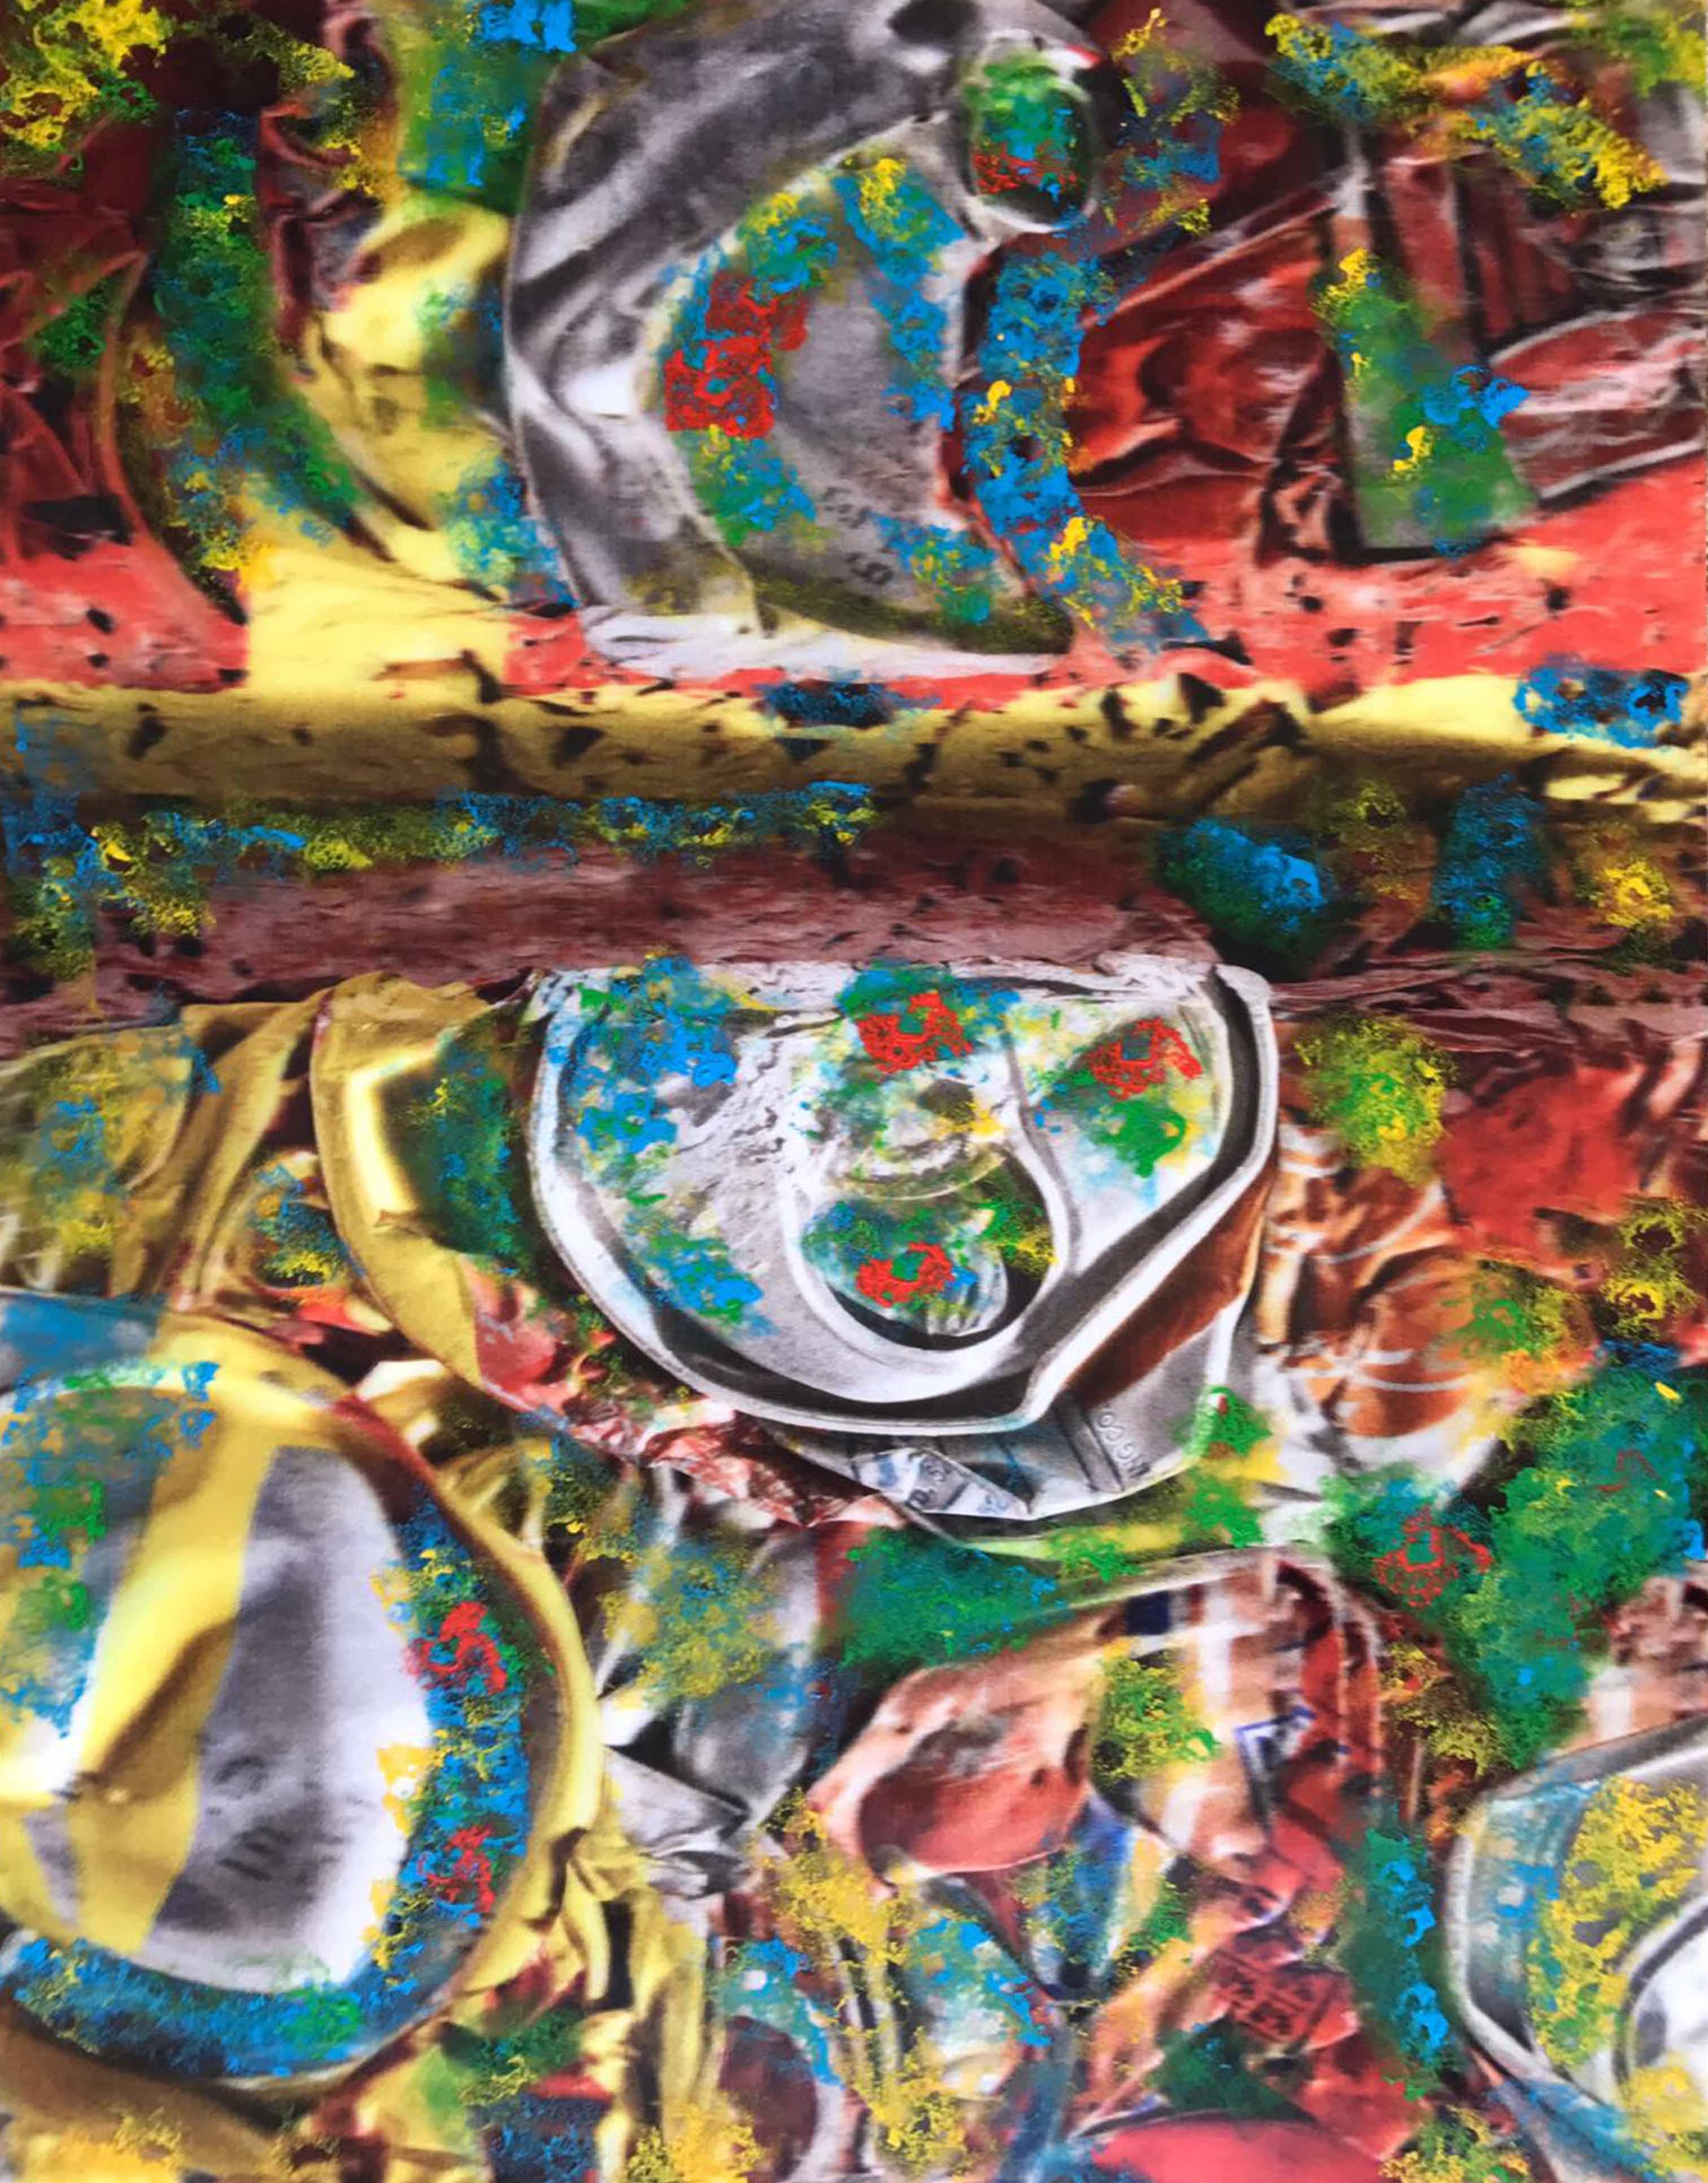 JULIO TESTONI (Nac. 1948) Foto pintura 3D sobre papel lenticular; 90 x 60 cm. Firmado abajo a la derecha con iniciales.  POR CONSULTAS DE PRECIOS, CONTACTE LA GALERIA. FOR PRICE´S ENQUIRIES, PLEASE CONTACT THE GALLERY.